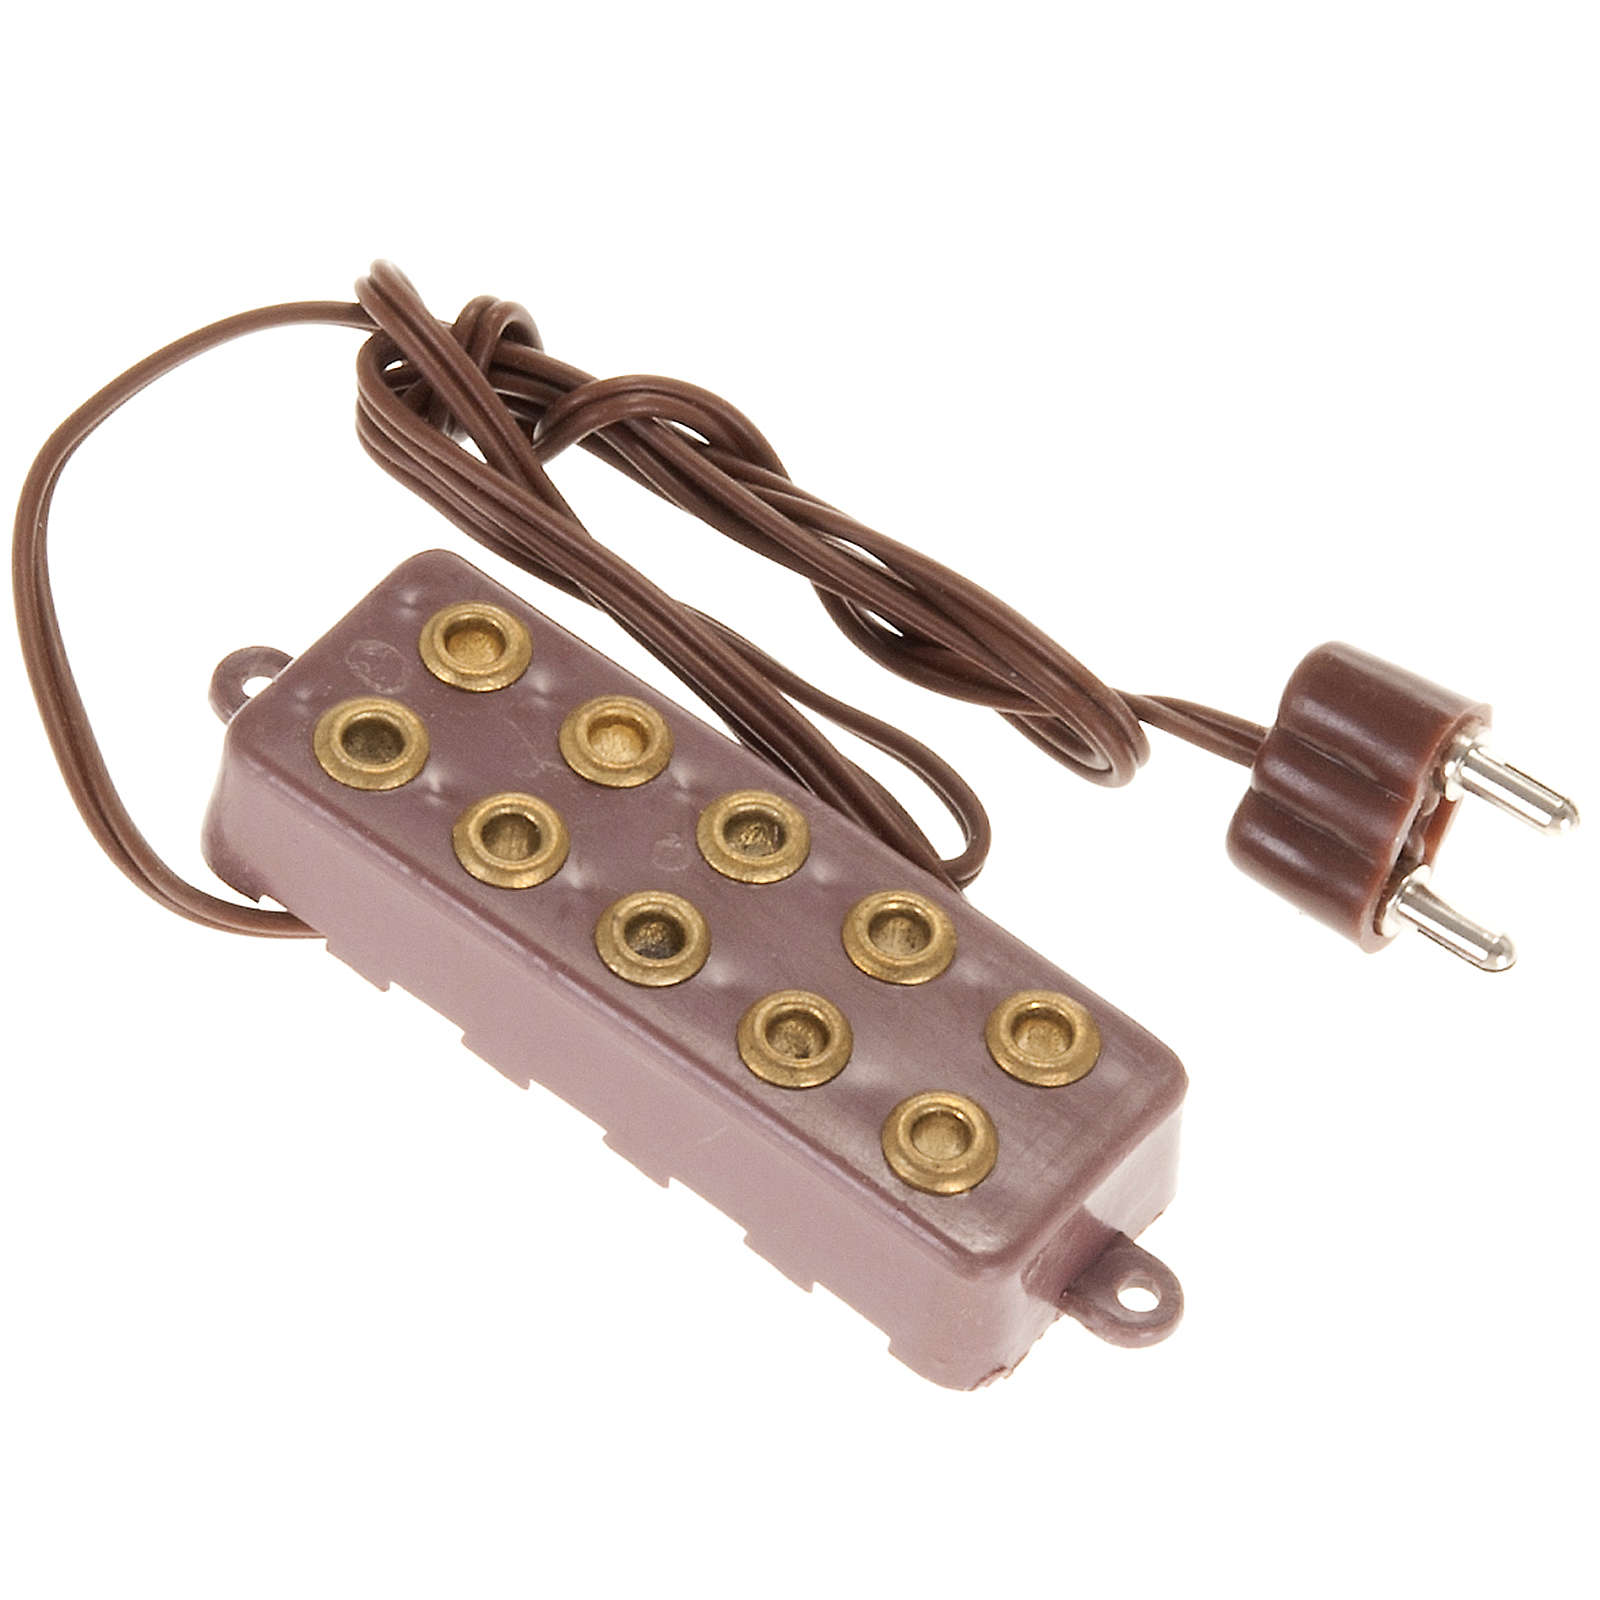 Socle 5 prises électriques bas voltage 3,5 / 4,5v 4